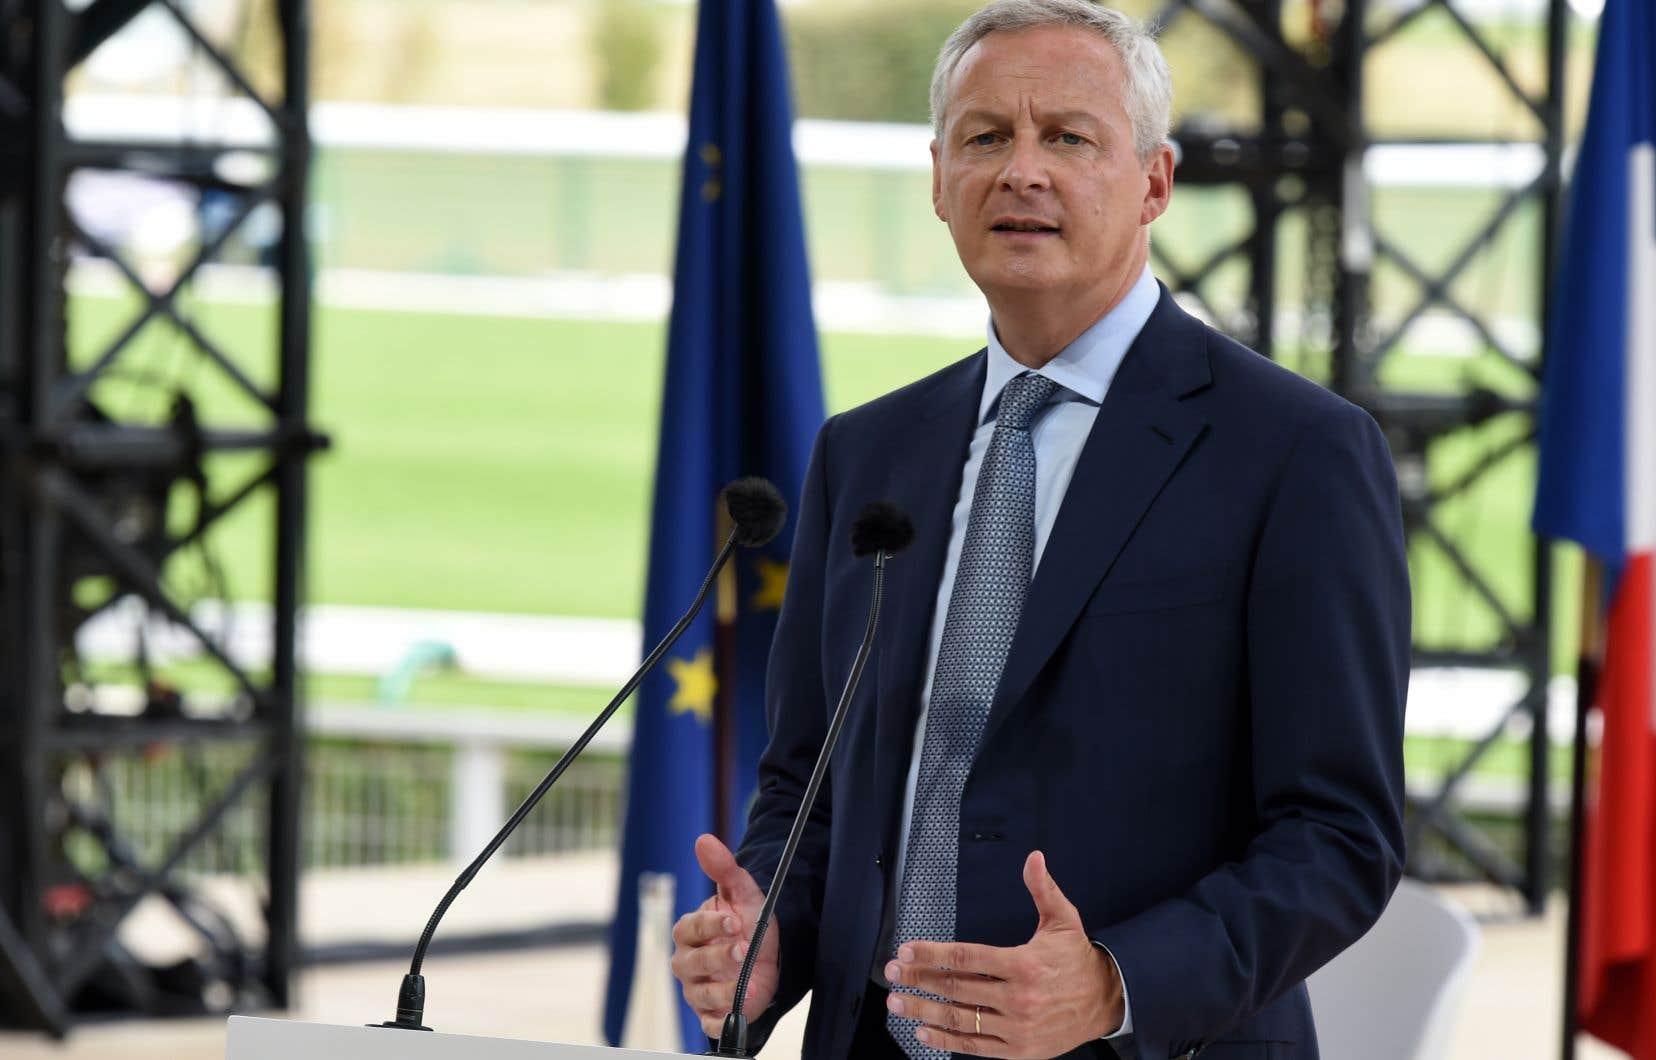 Le ministre des Finances français, Bruno Le Maire,n'a pas hésité à qualifier de «systémiques» les risques que pourrait entraîner cette «privatisation éventuelle d'une monnaie […] détenue par un seul acteur qui a plus de 2milliards d'utilisateurs sur la planète».